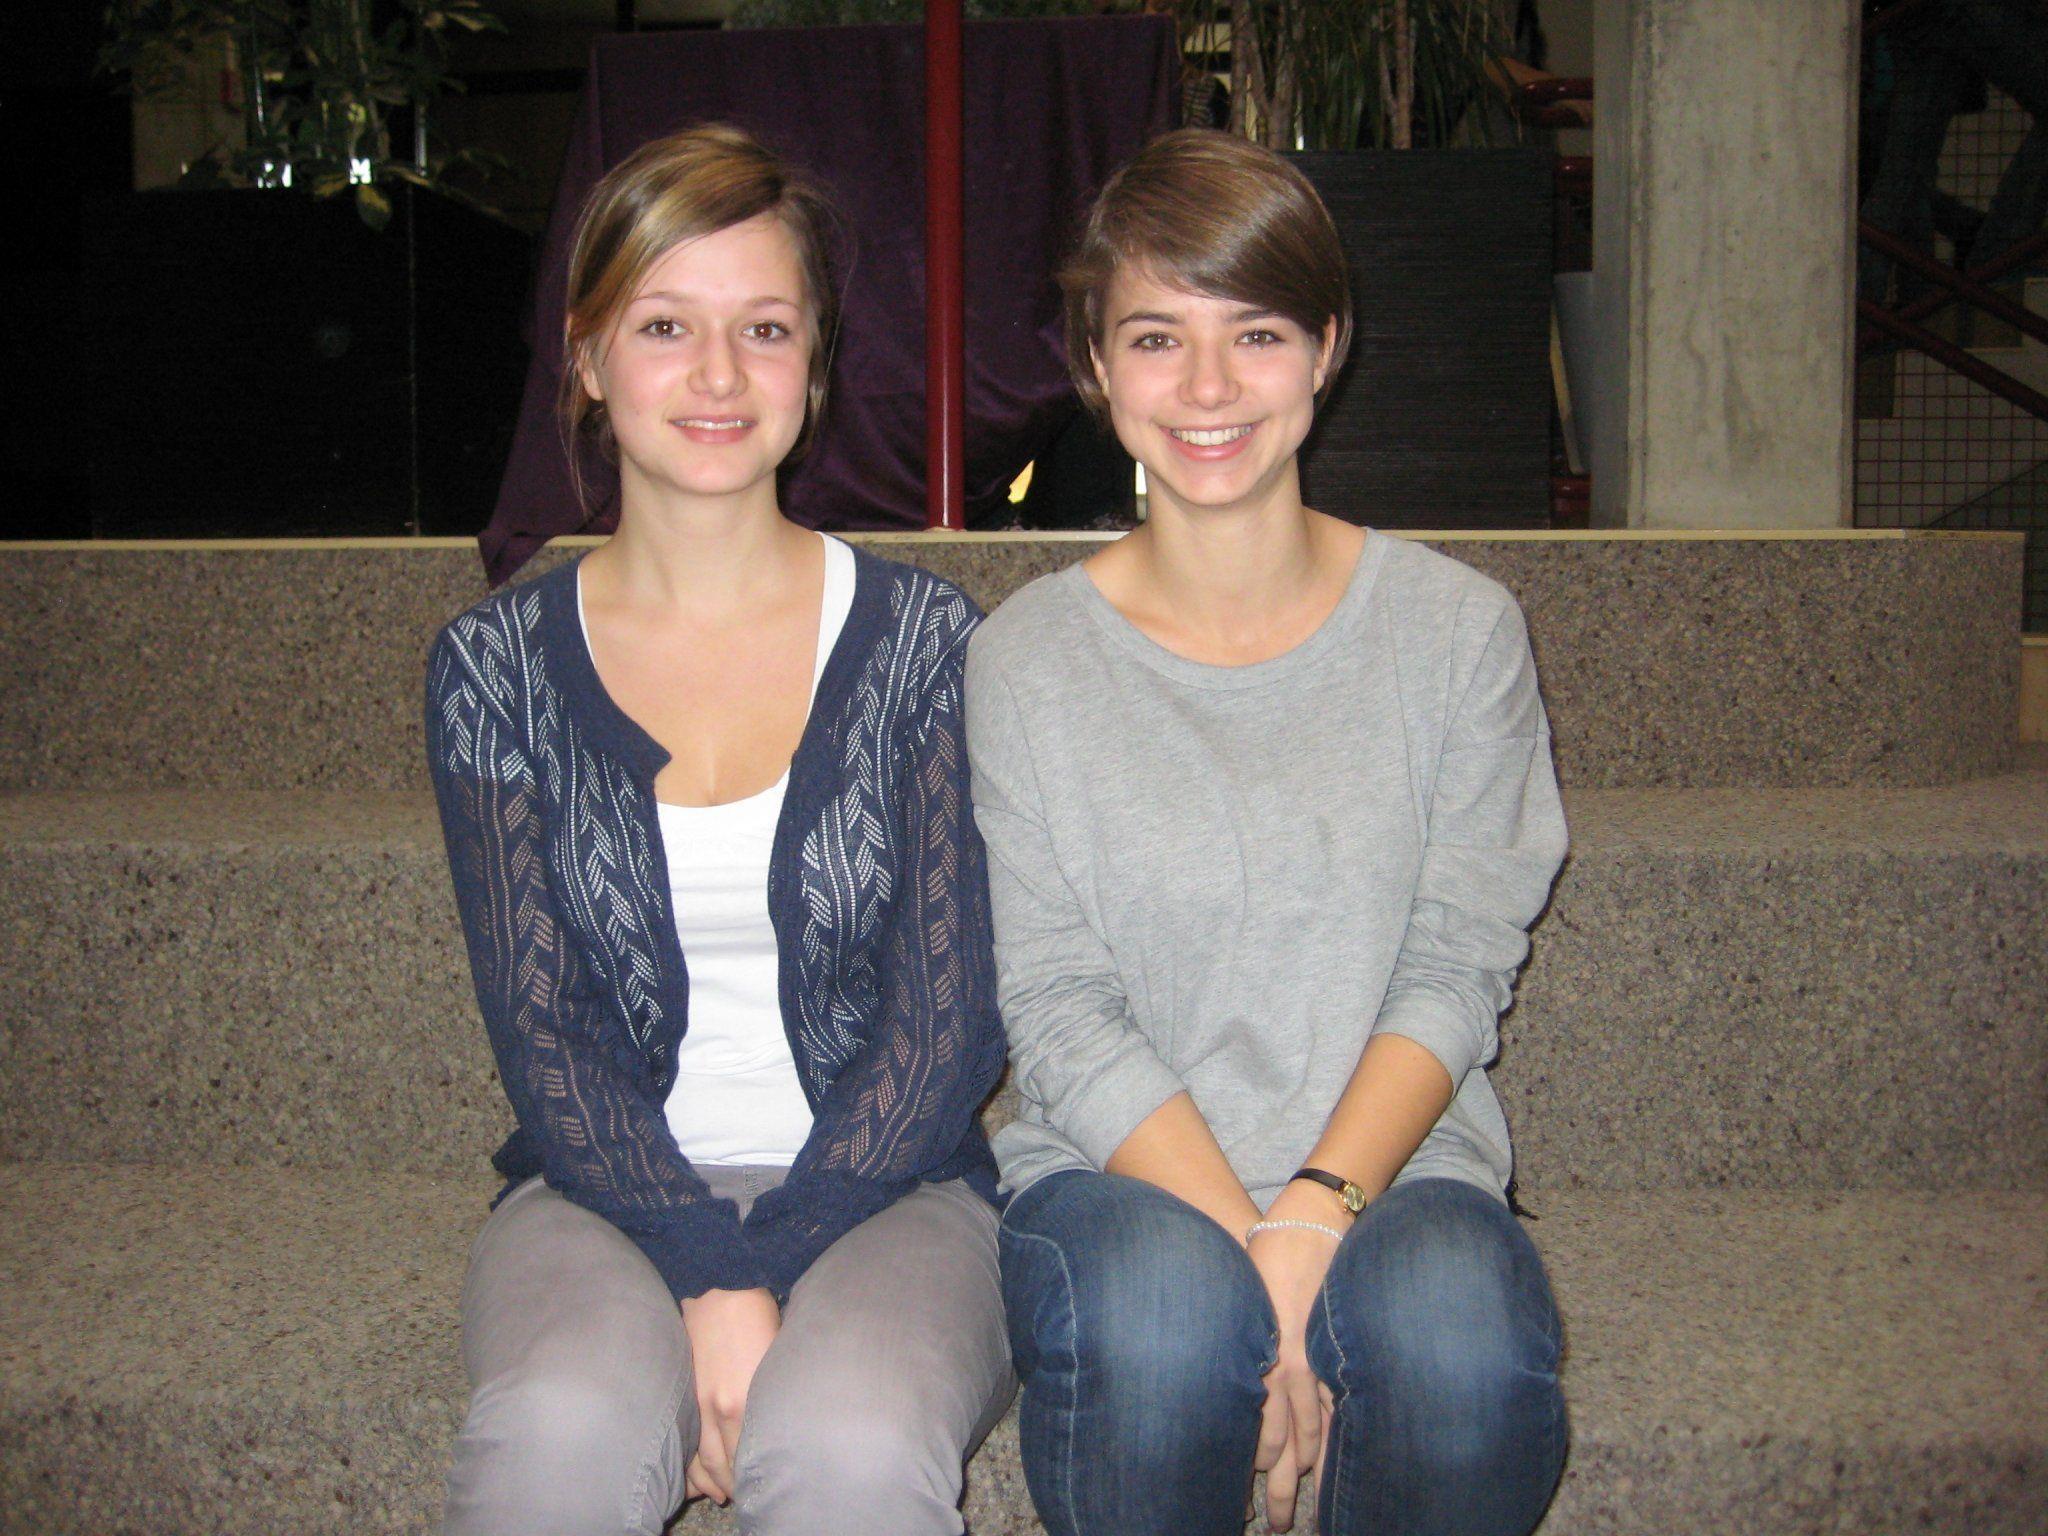 Die Organisatorinnen des Toleranz-Tages: Larissa und Marianna Nenning